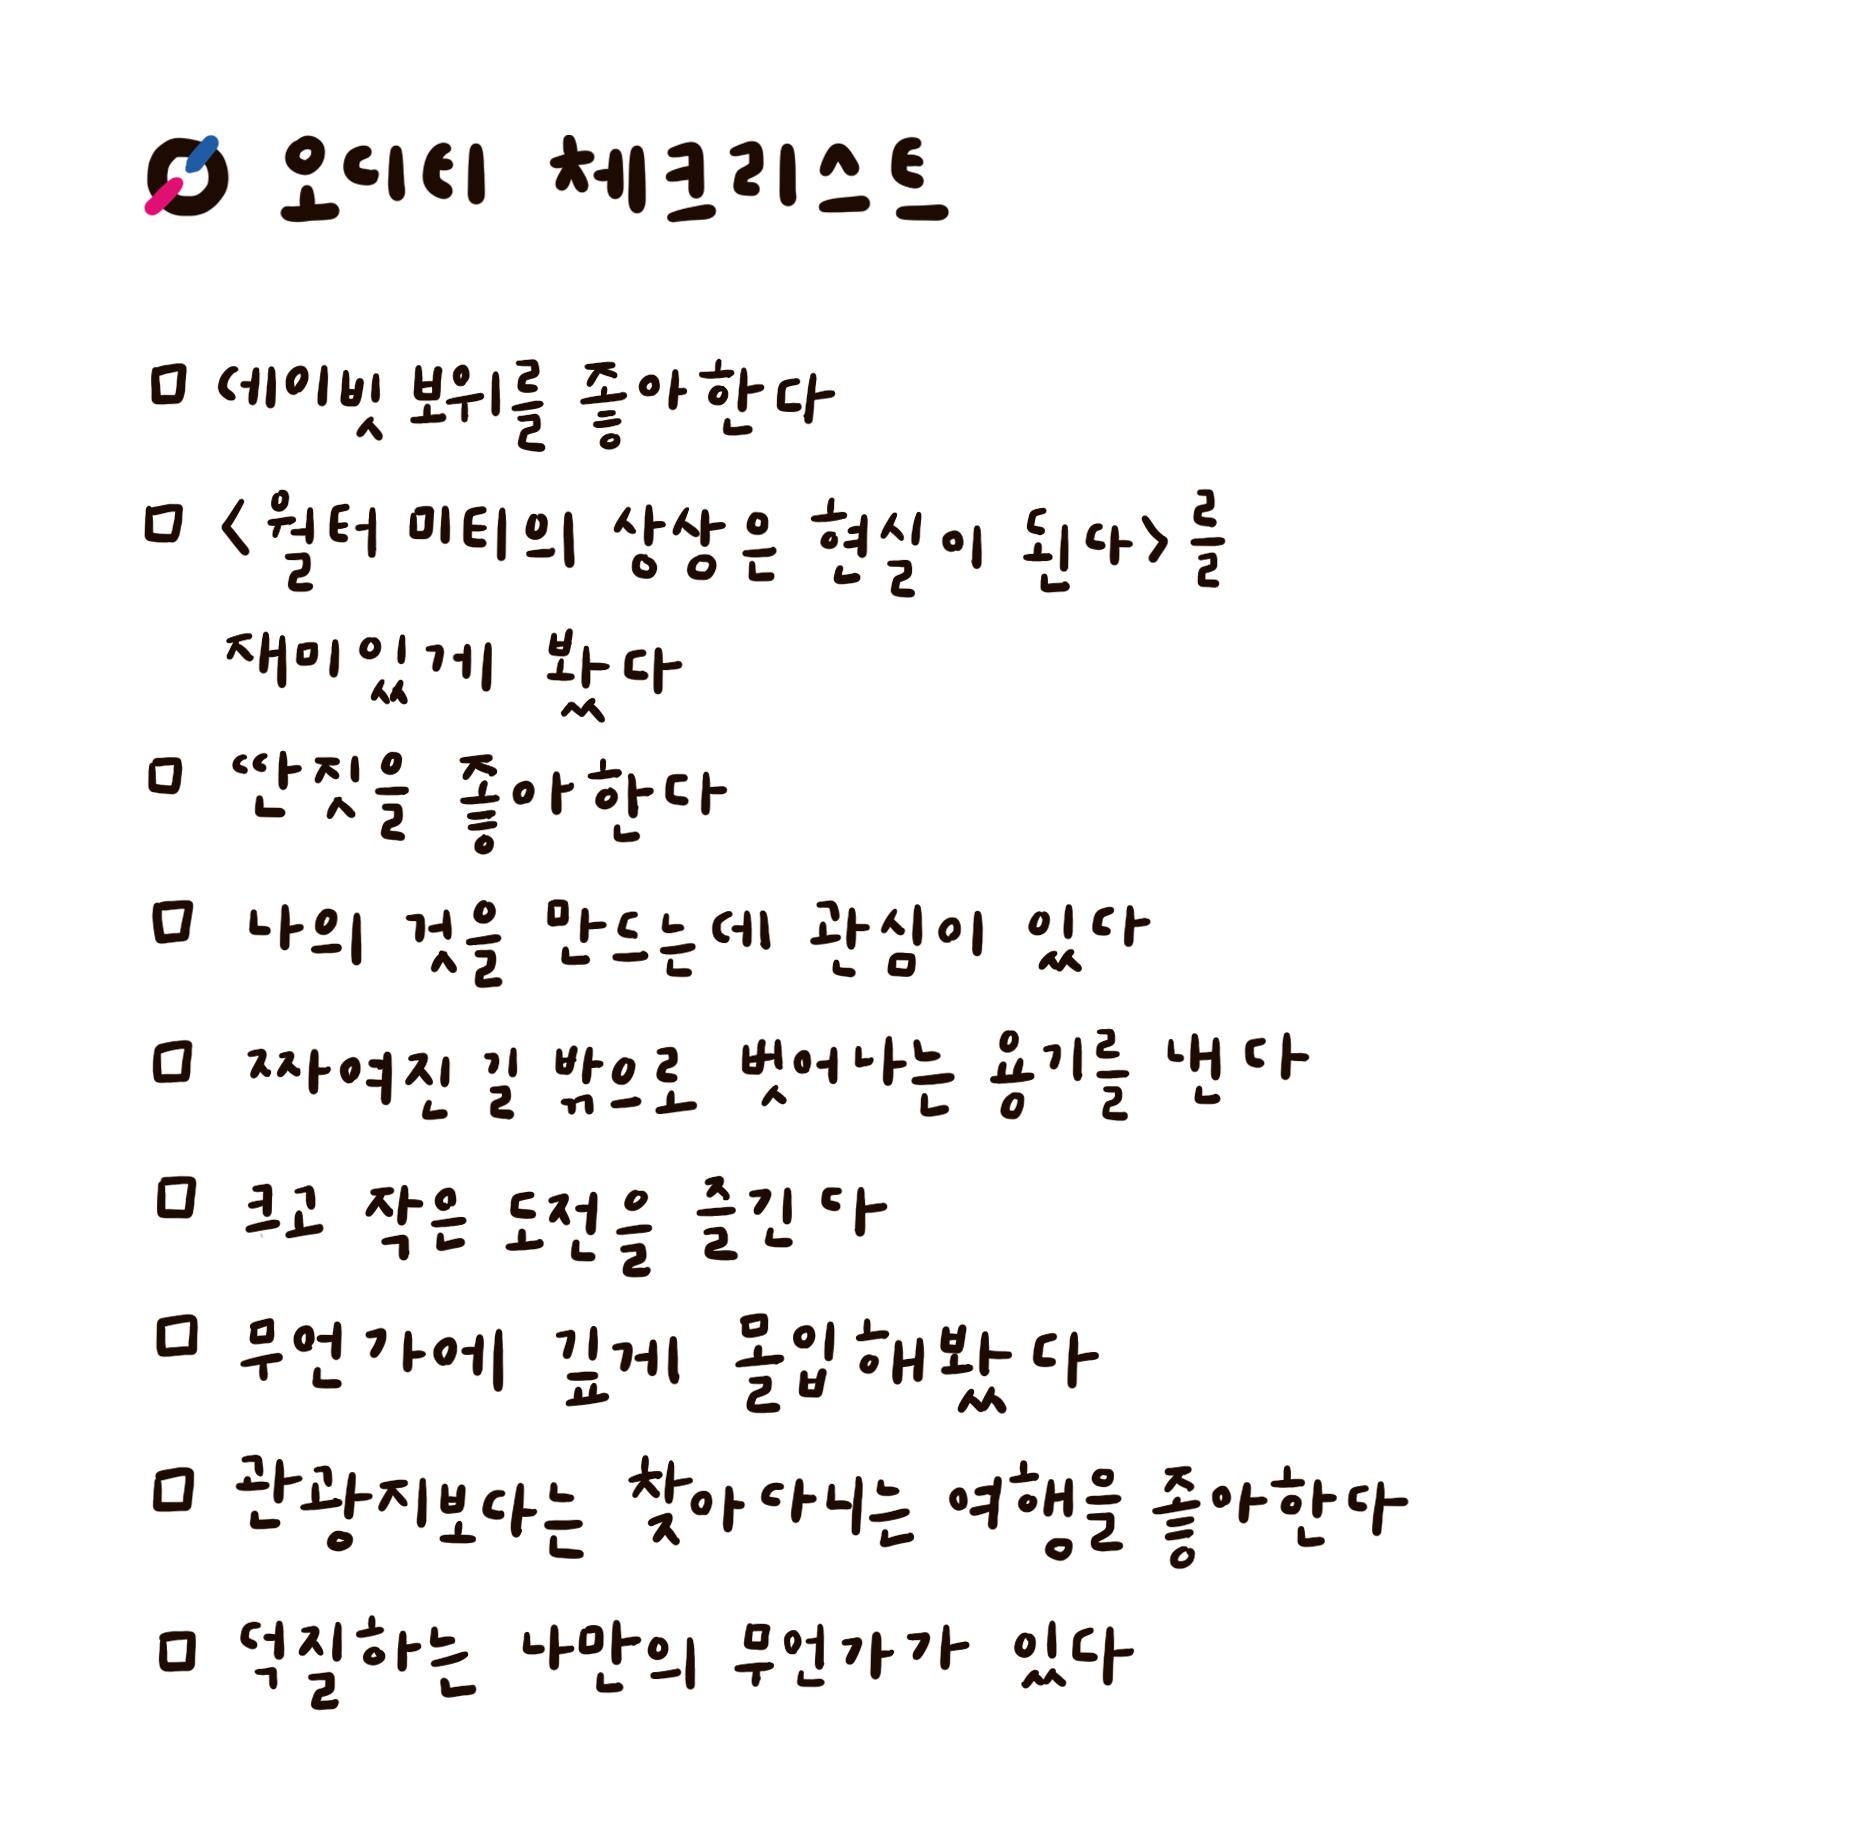 3. 텀블벅 - 오디티체크리스트.png